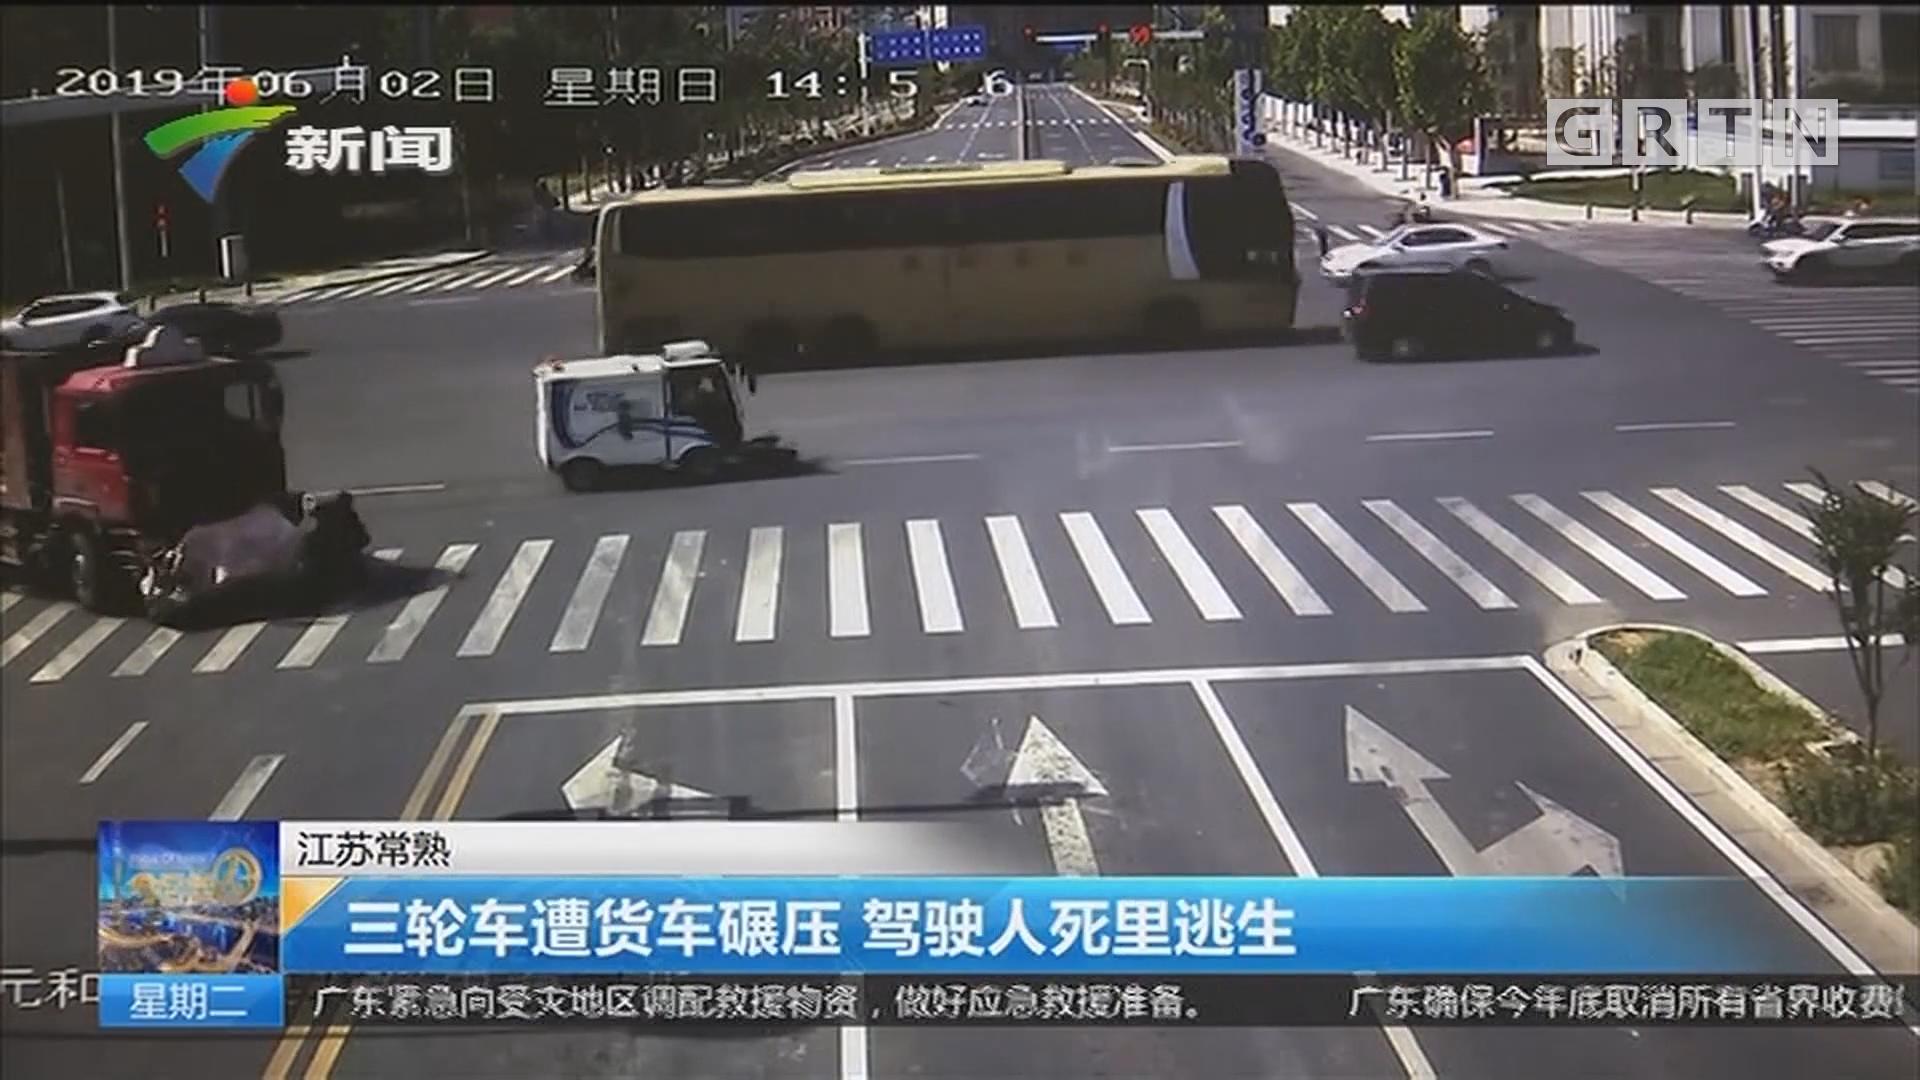 江苏常熟:三轮车遭货车碾压 驾驶人死里逃生